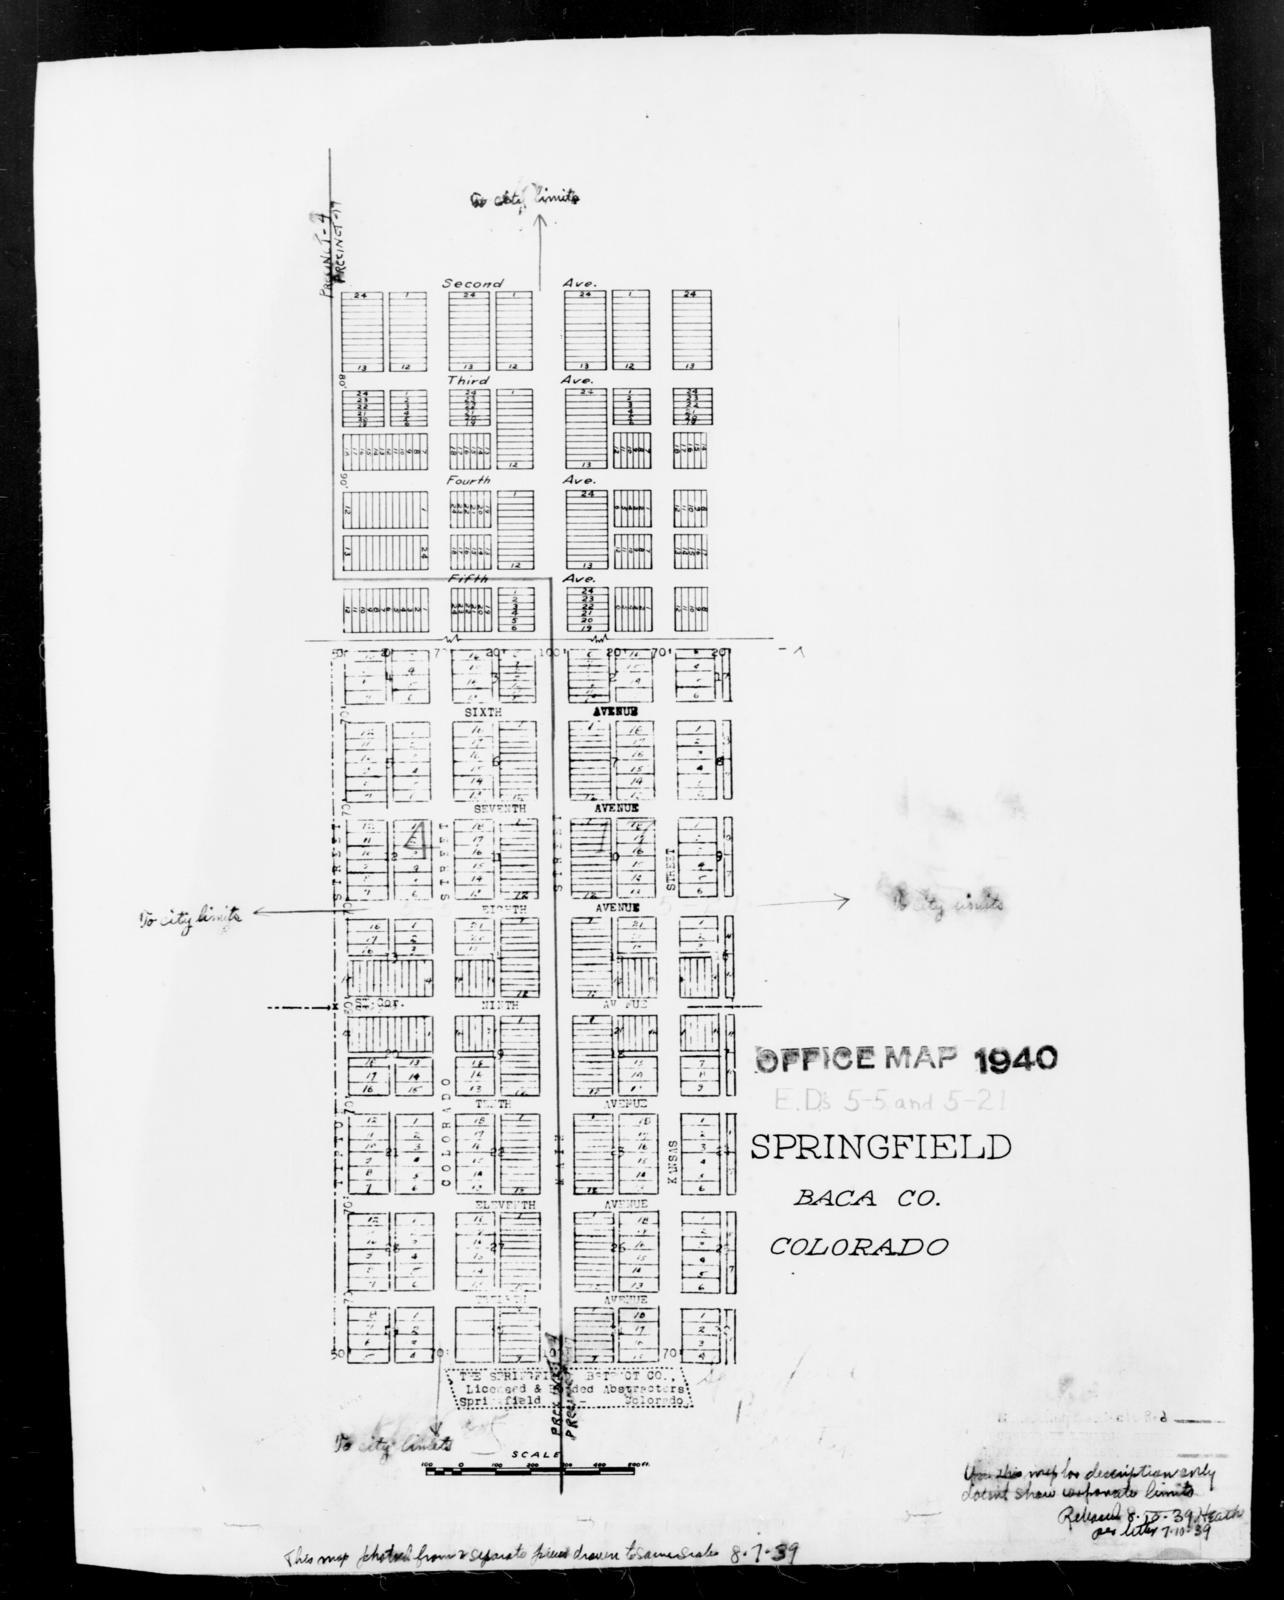 Springfield Colorado Map.1940 Census Enumeration District Maps Colorado Baca County